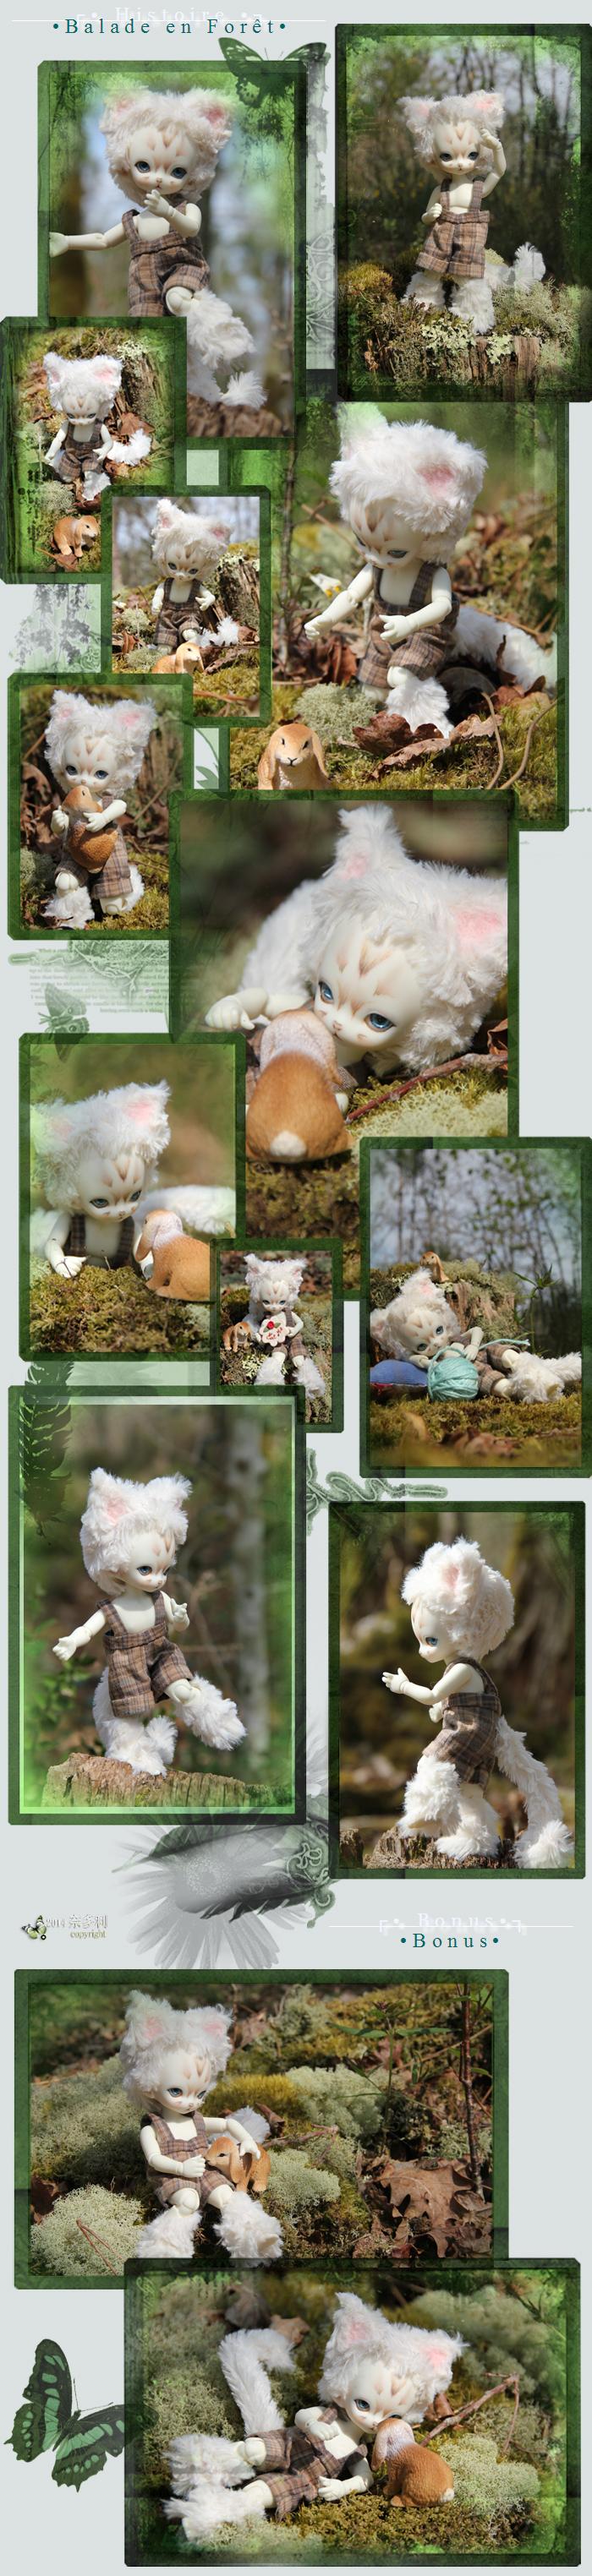 ✰ ARTHUR, petite licorne  (p. 23) Montage-nyani001